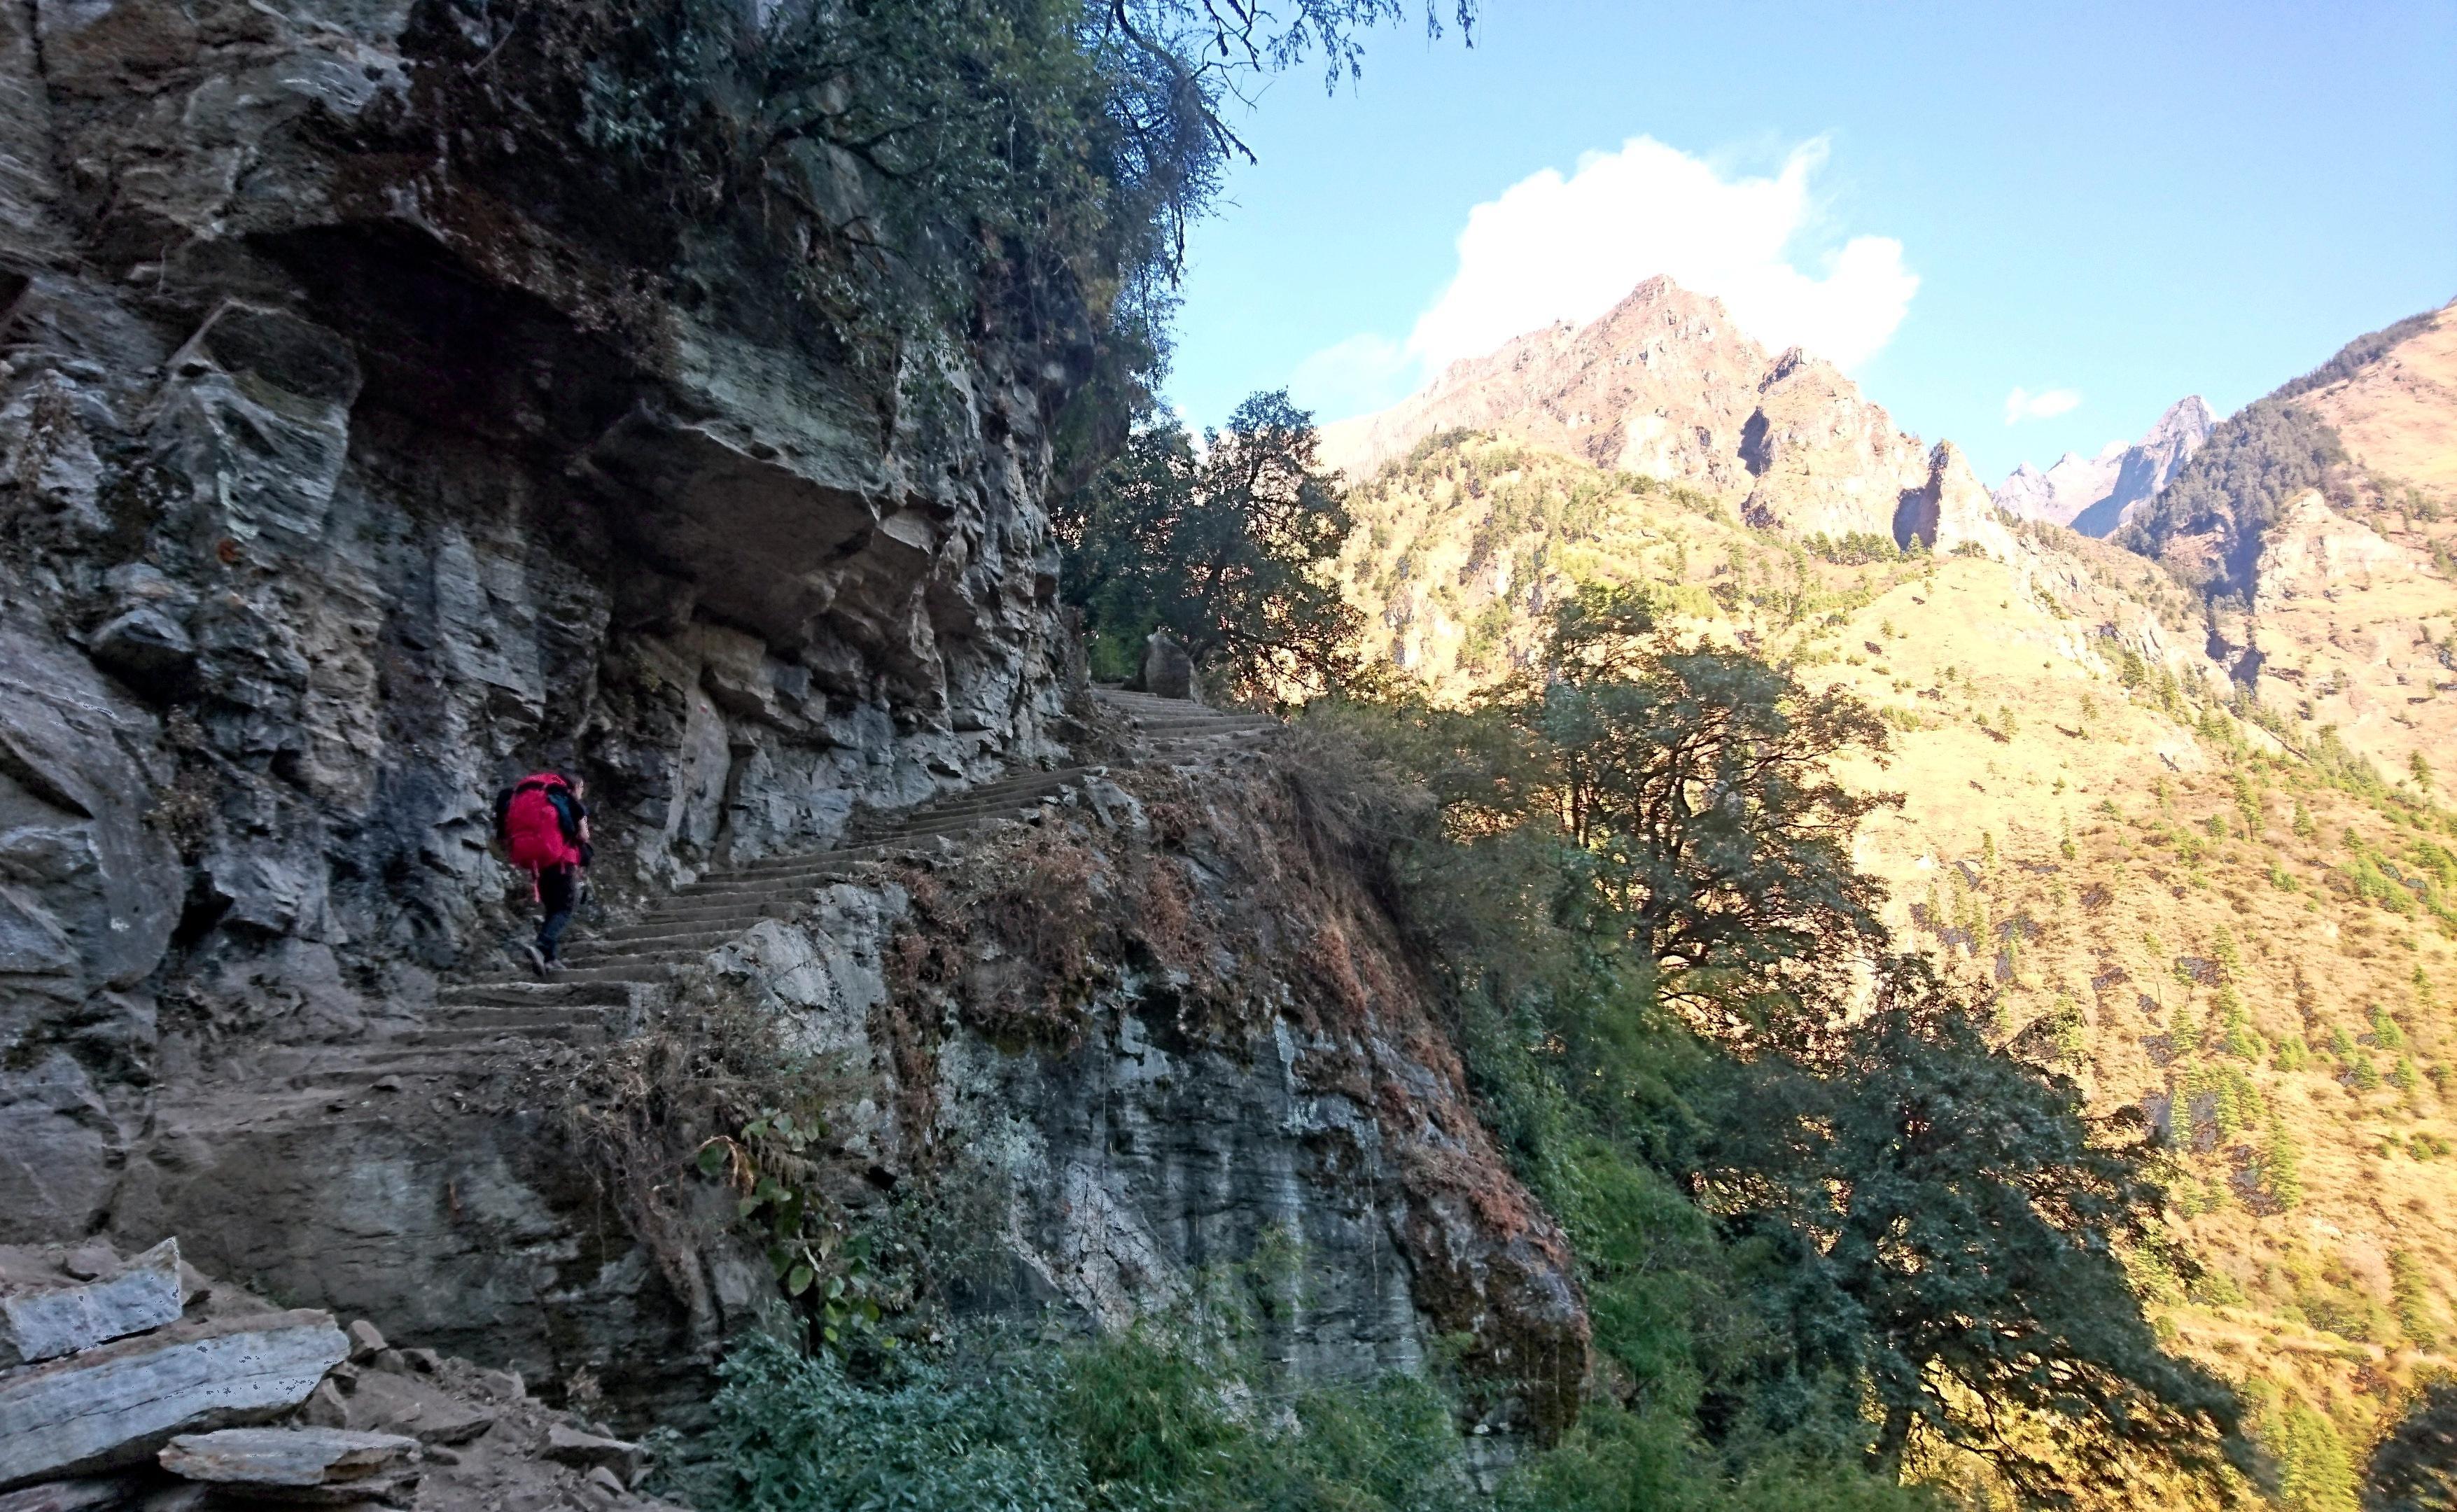 dopo Dharapani entro breve bisogna salire parecchio per aggirare un salto roccioso compiuto dal fiume. Ci aspettano un bel po' di scale